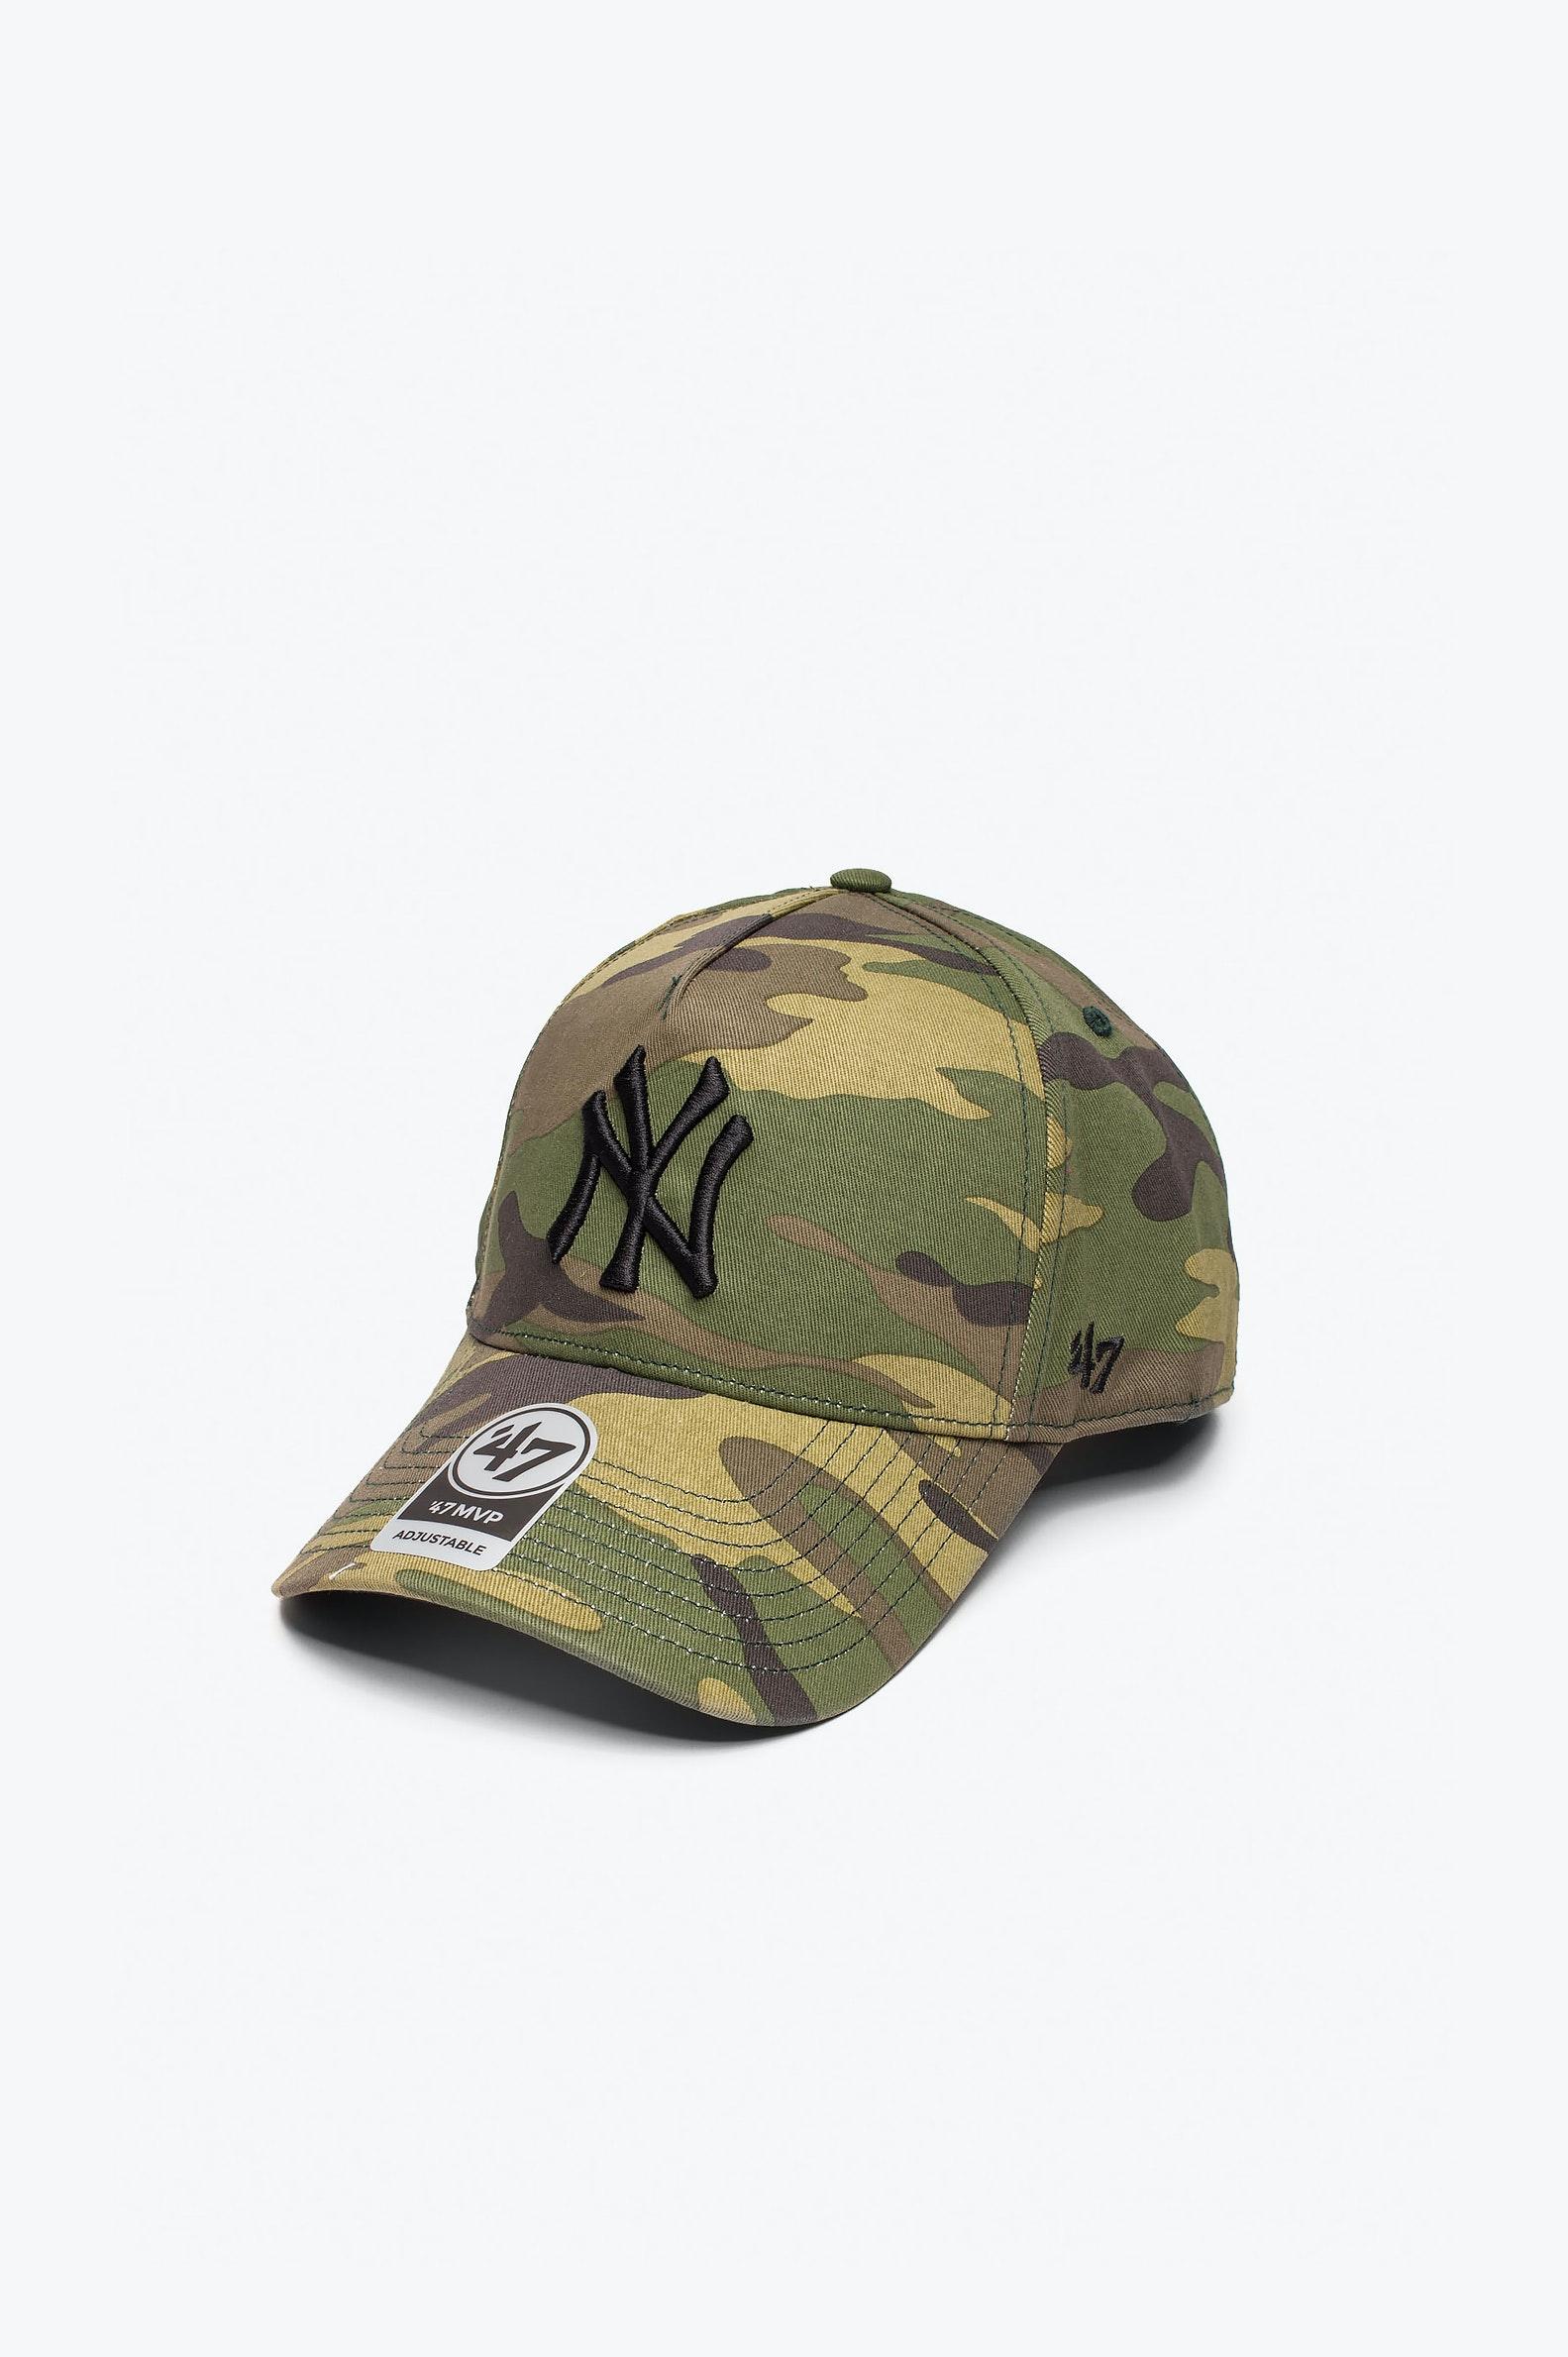 BONÉ MLB 47 BRAND NEW YORK YANKEES HOMEM